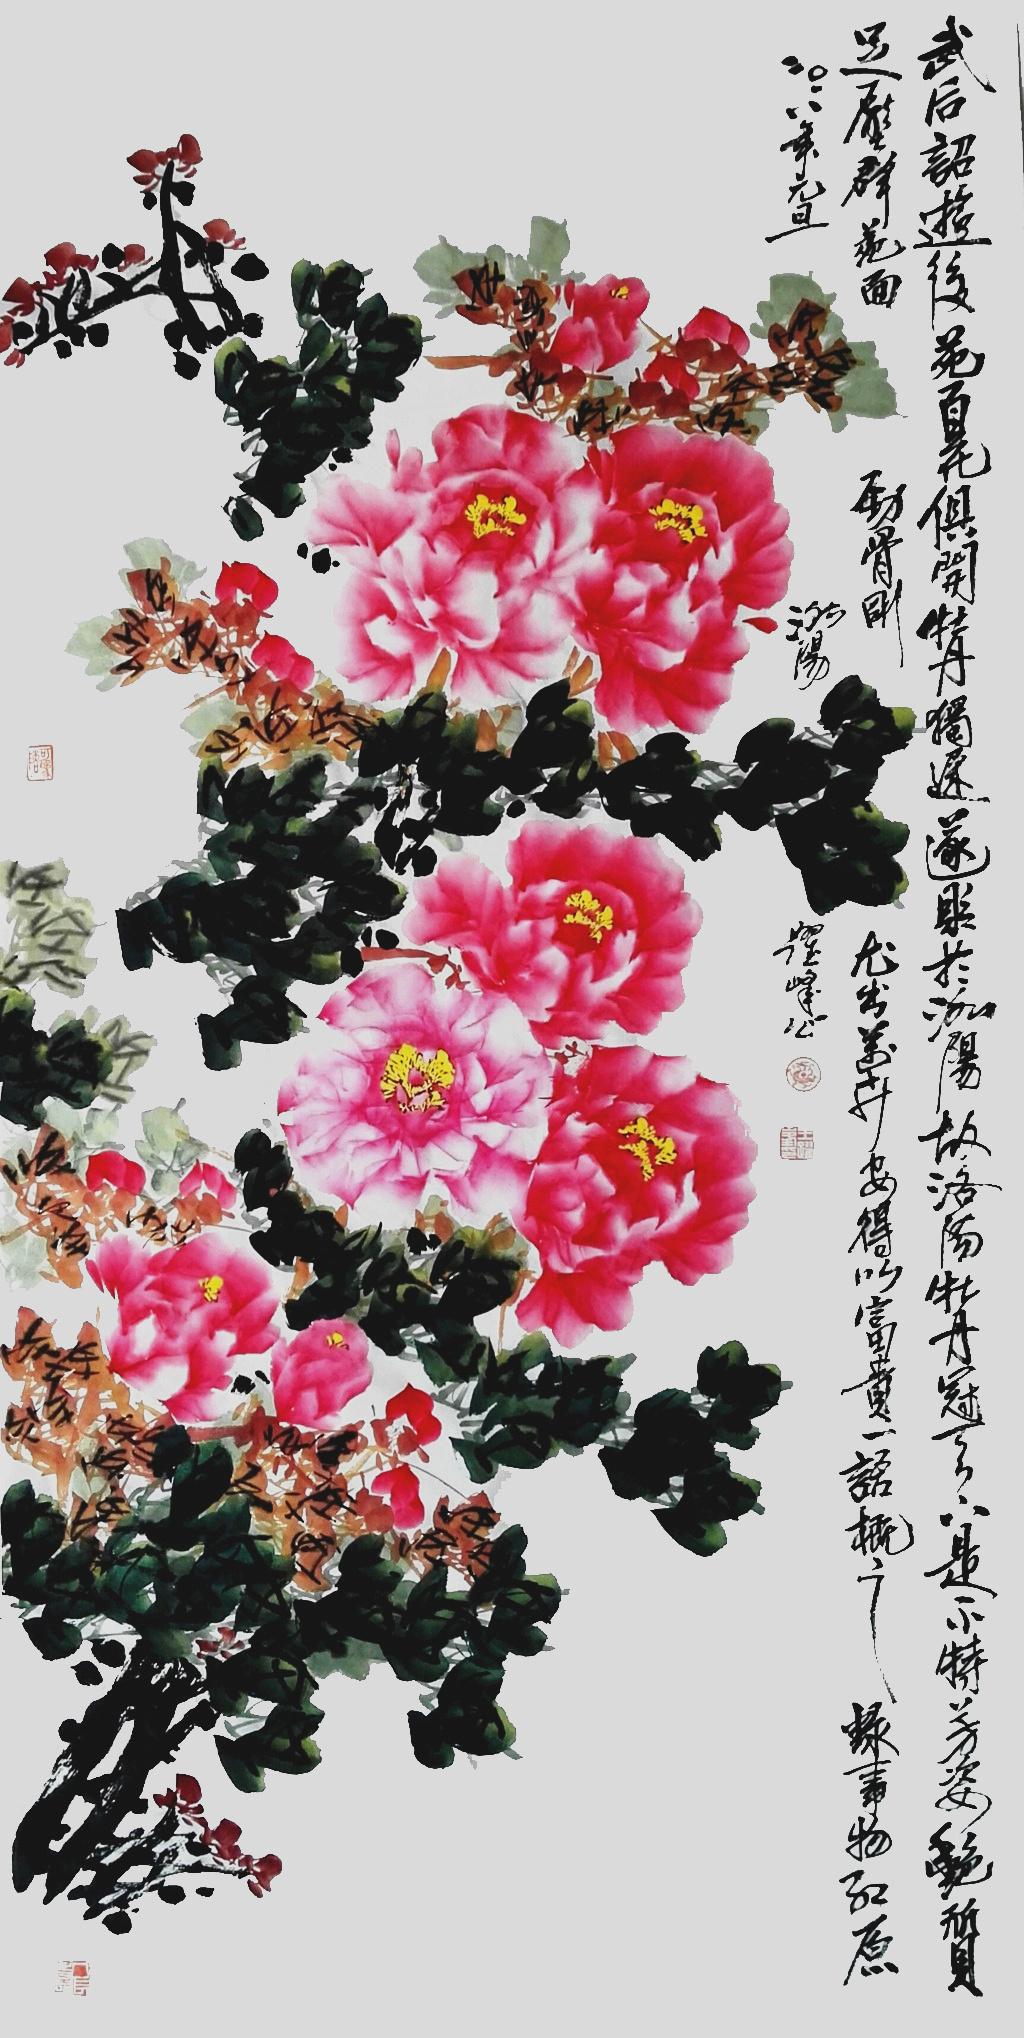 洛阳著名书画家王跃峰书法苔洛阳牡丹画家前十名作品